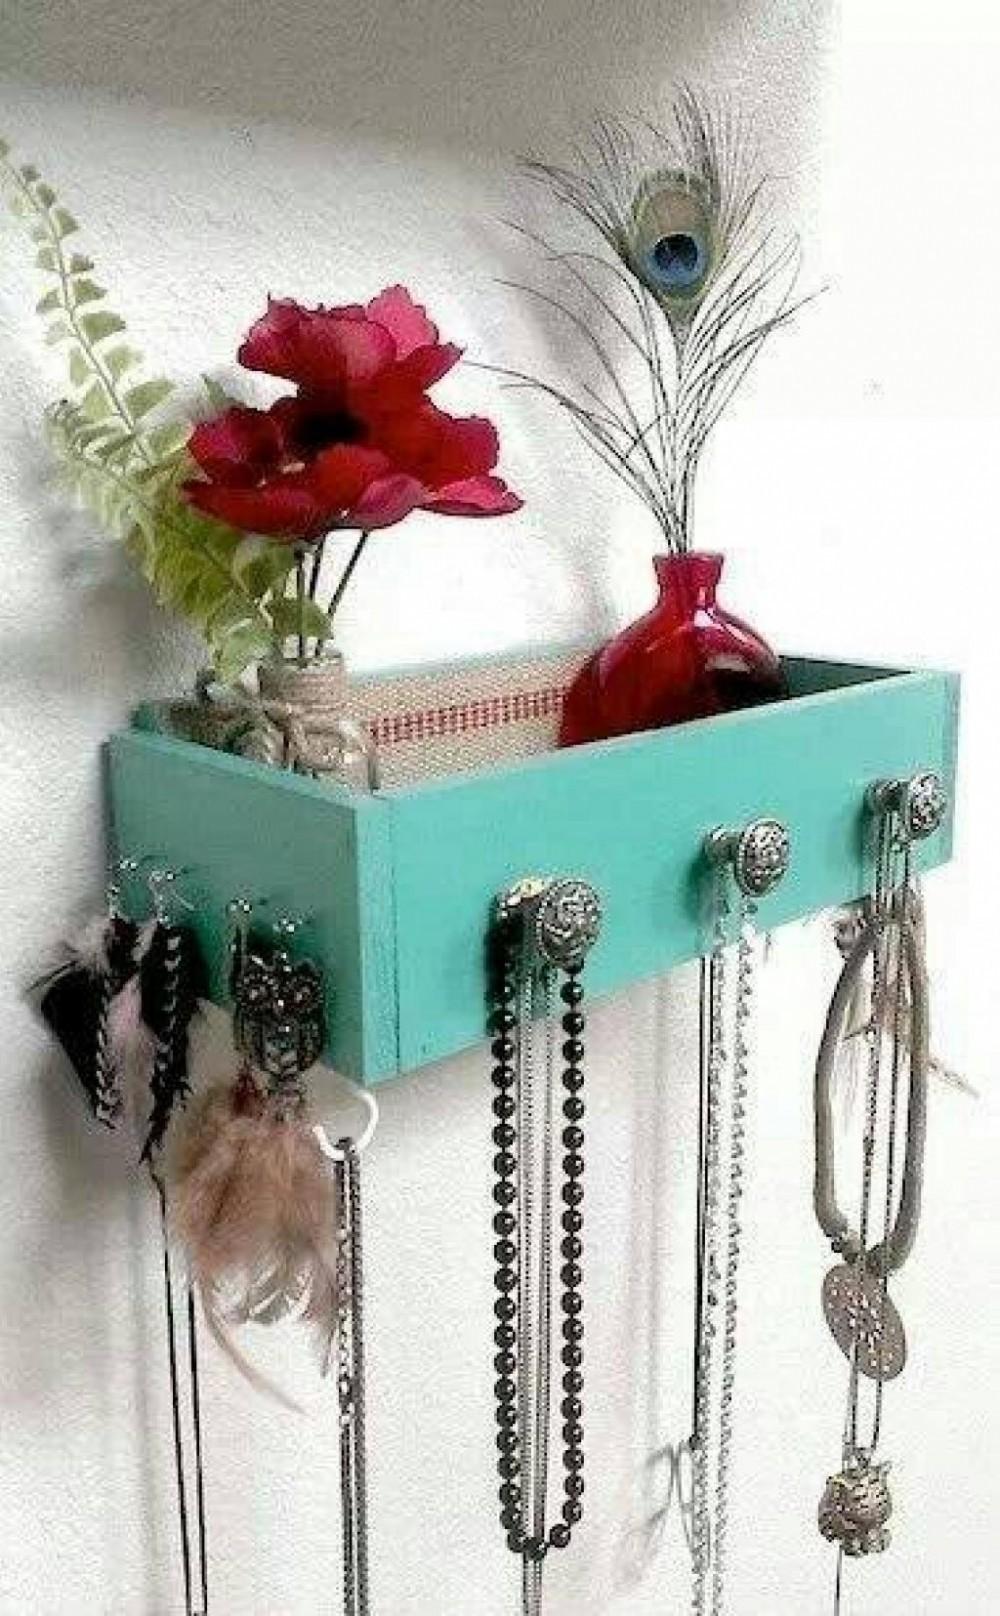 10 ideas sencillas para decorar y renovar el hogar - Ideas para el hogar ...